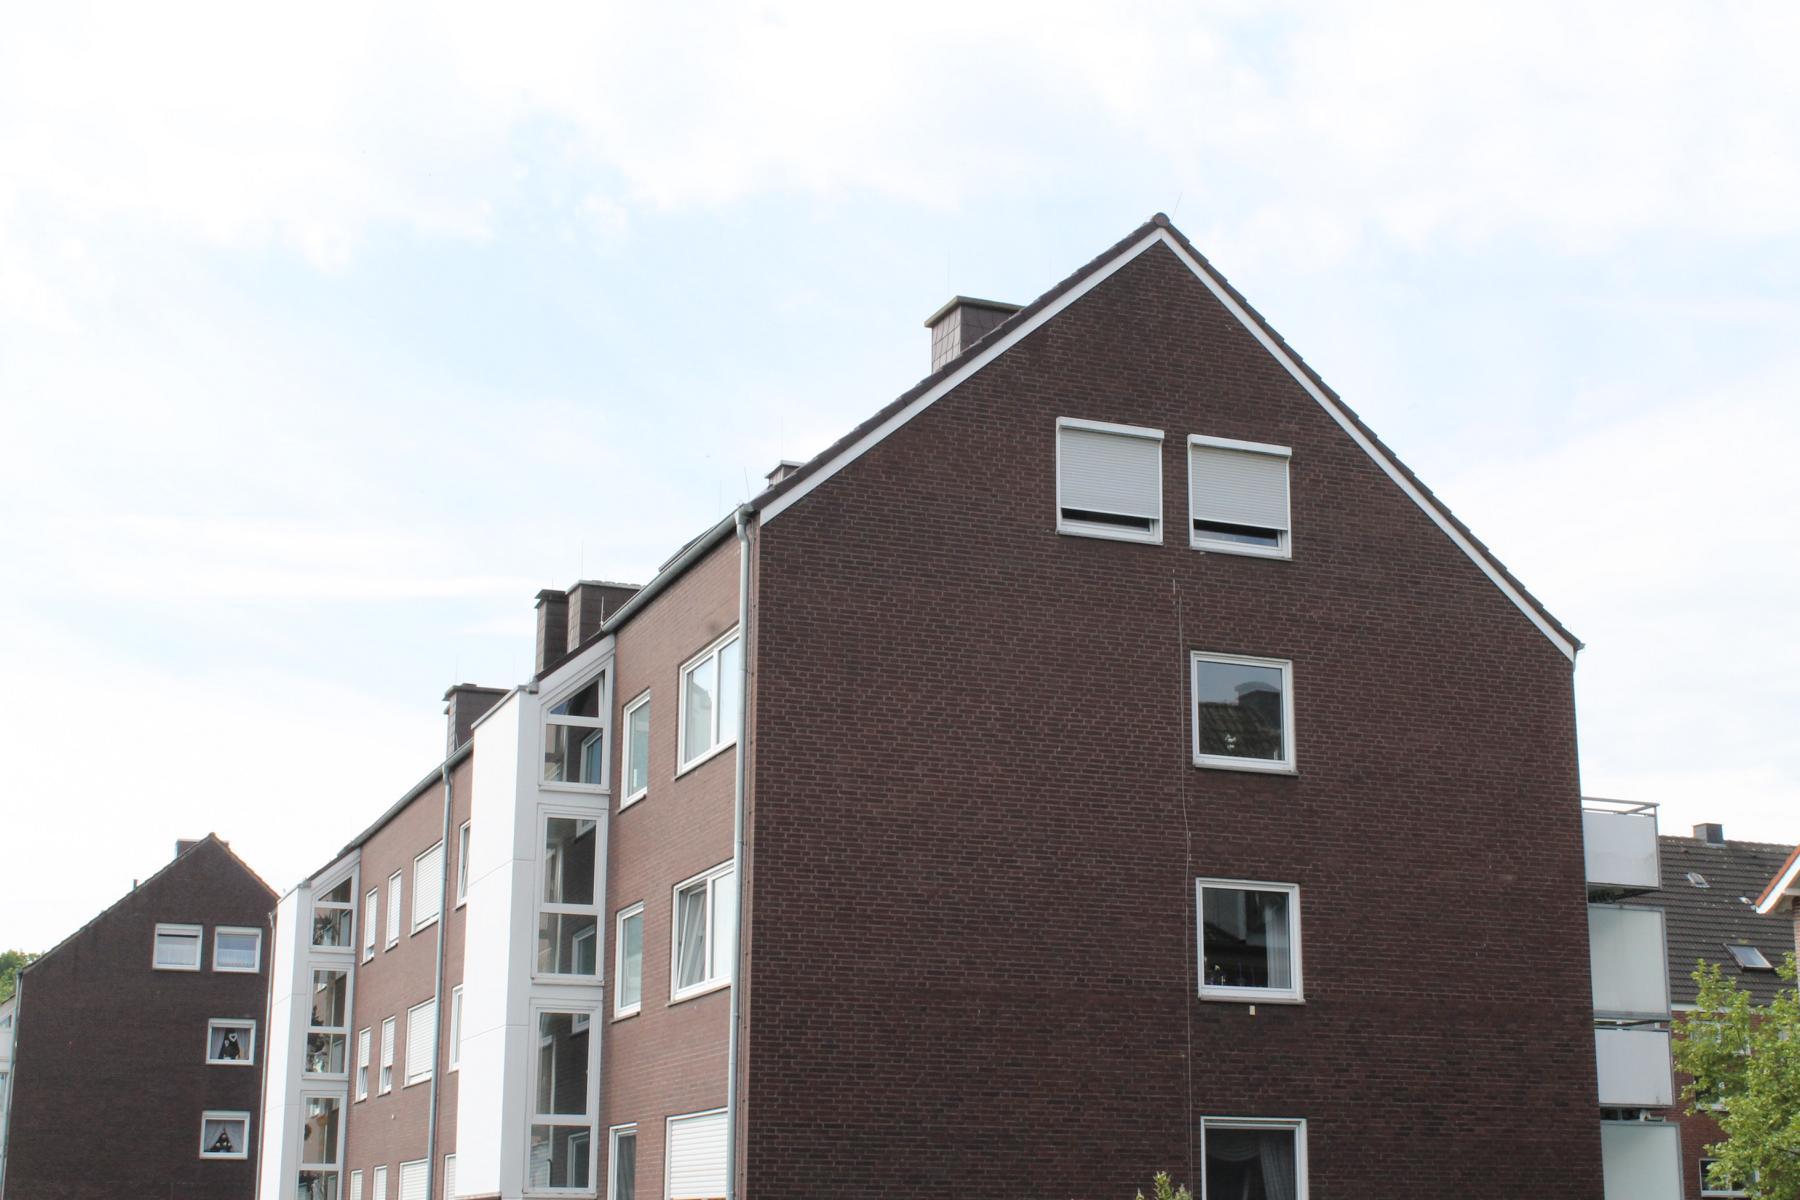 Dachsanierung Mehrfamilienhaus Referenzobjekt 42